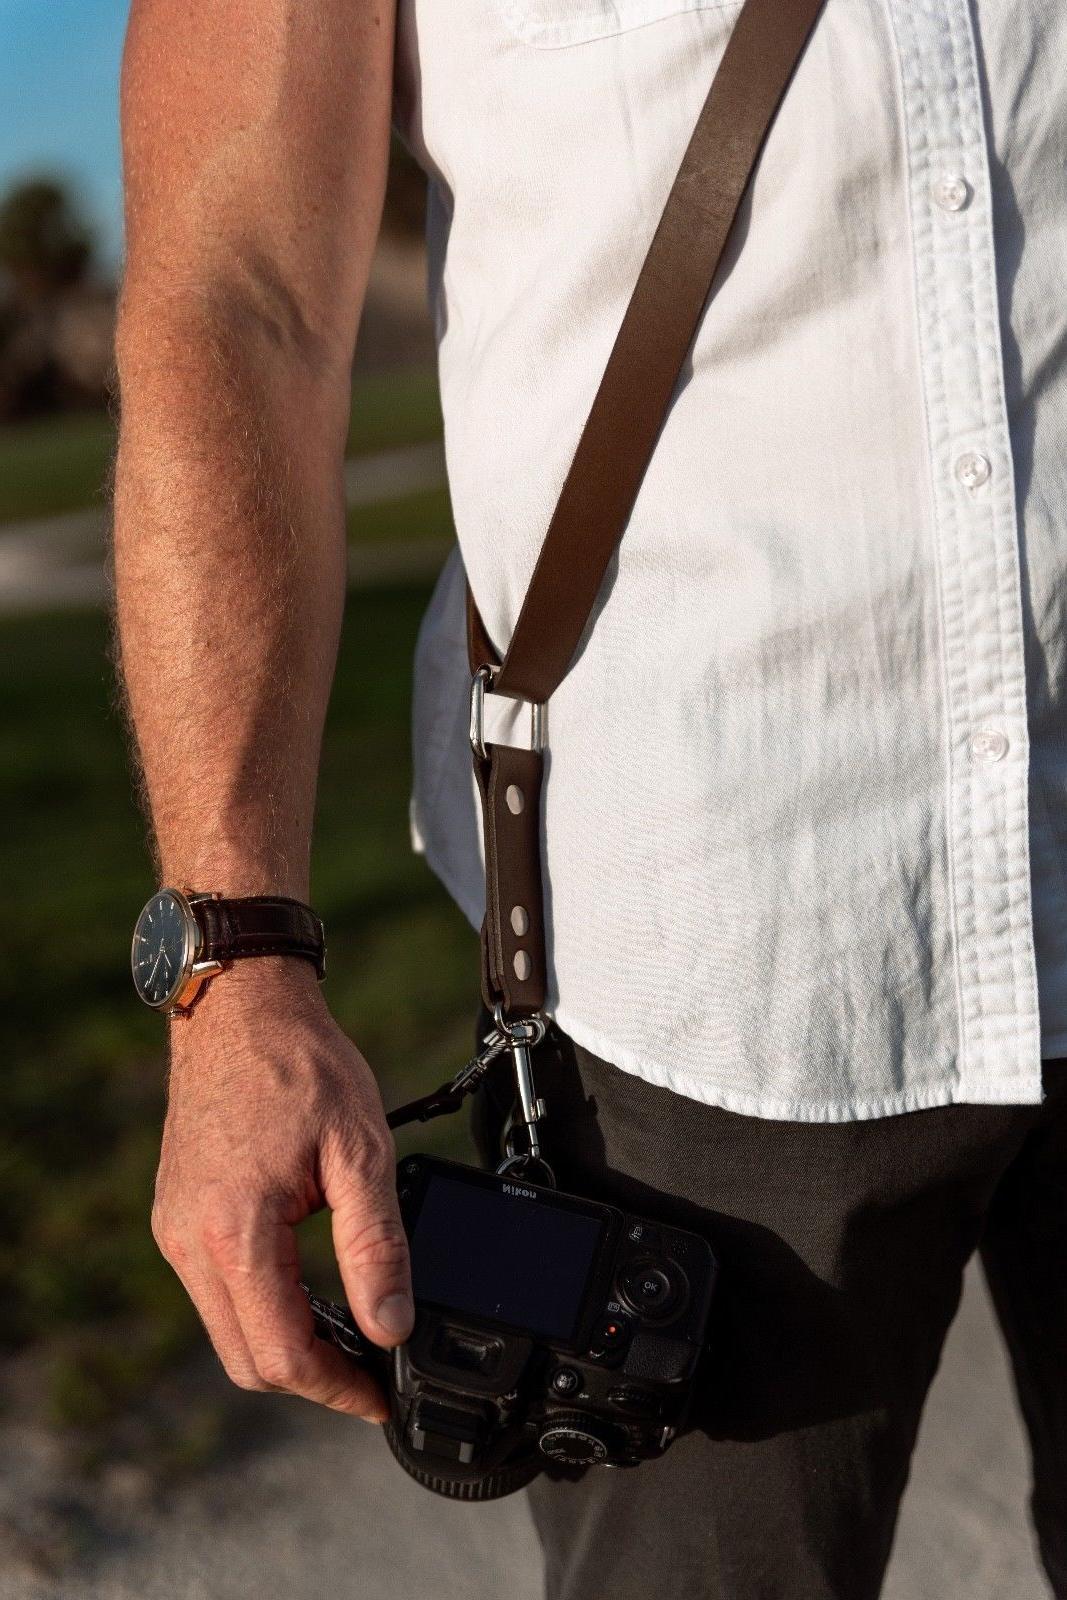 Camera Sling Release Leather Adjustable SLR/DSLR Brown